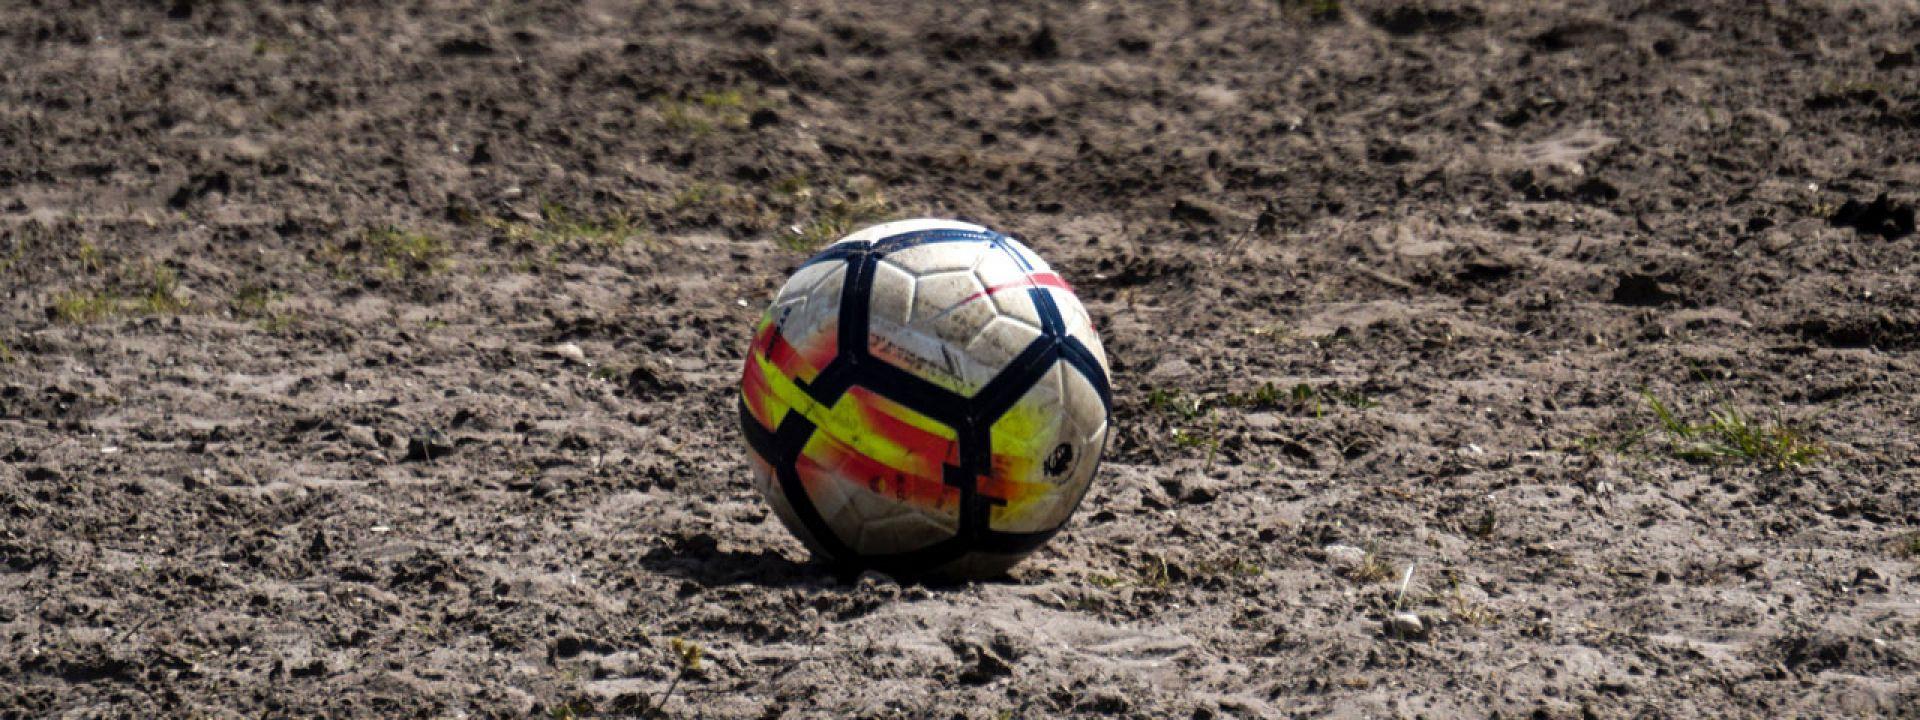 Φωτογραφία από μπάλα ποδοσφαίρου